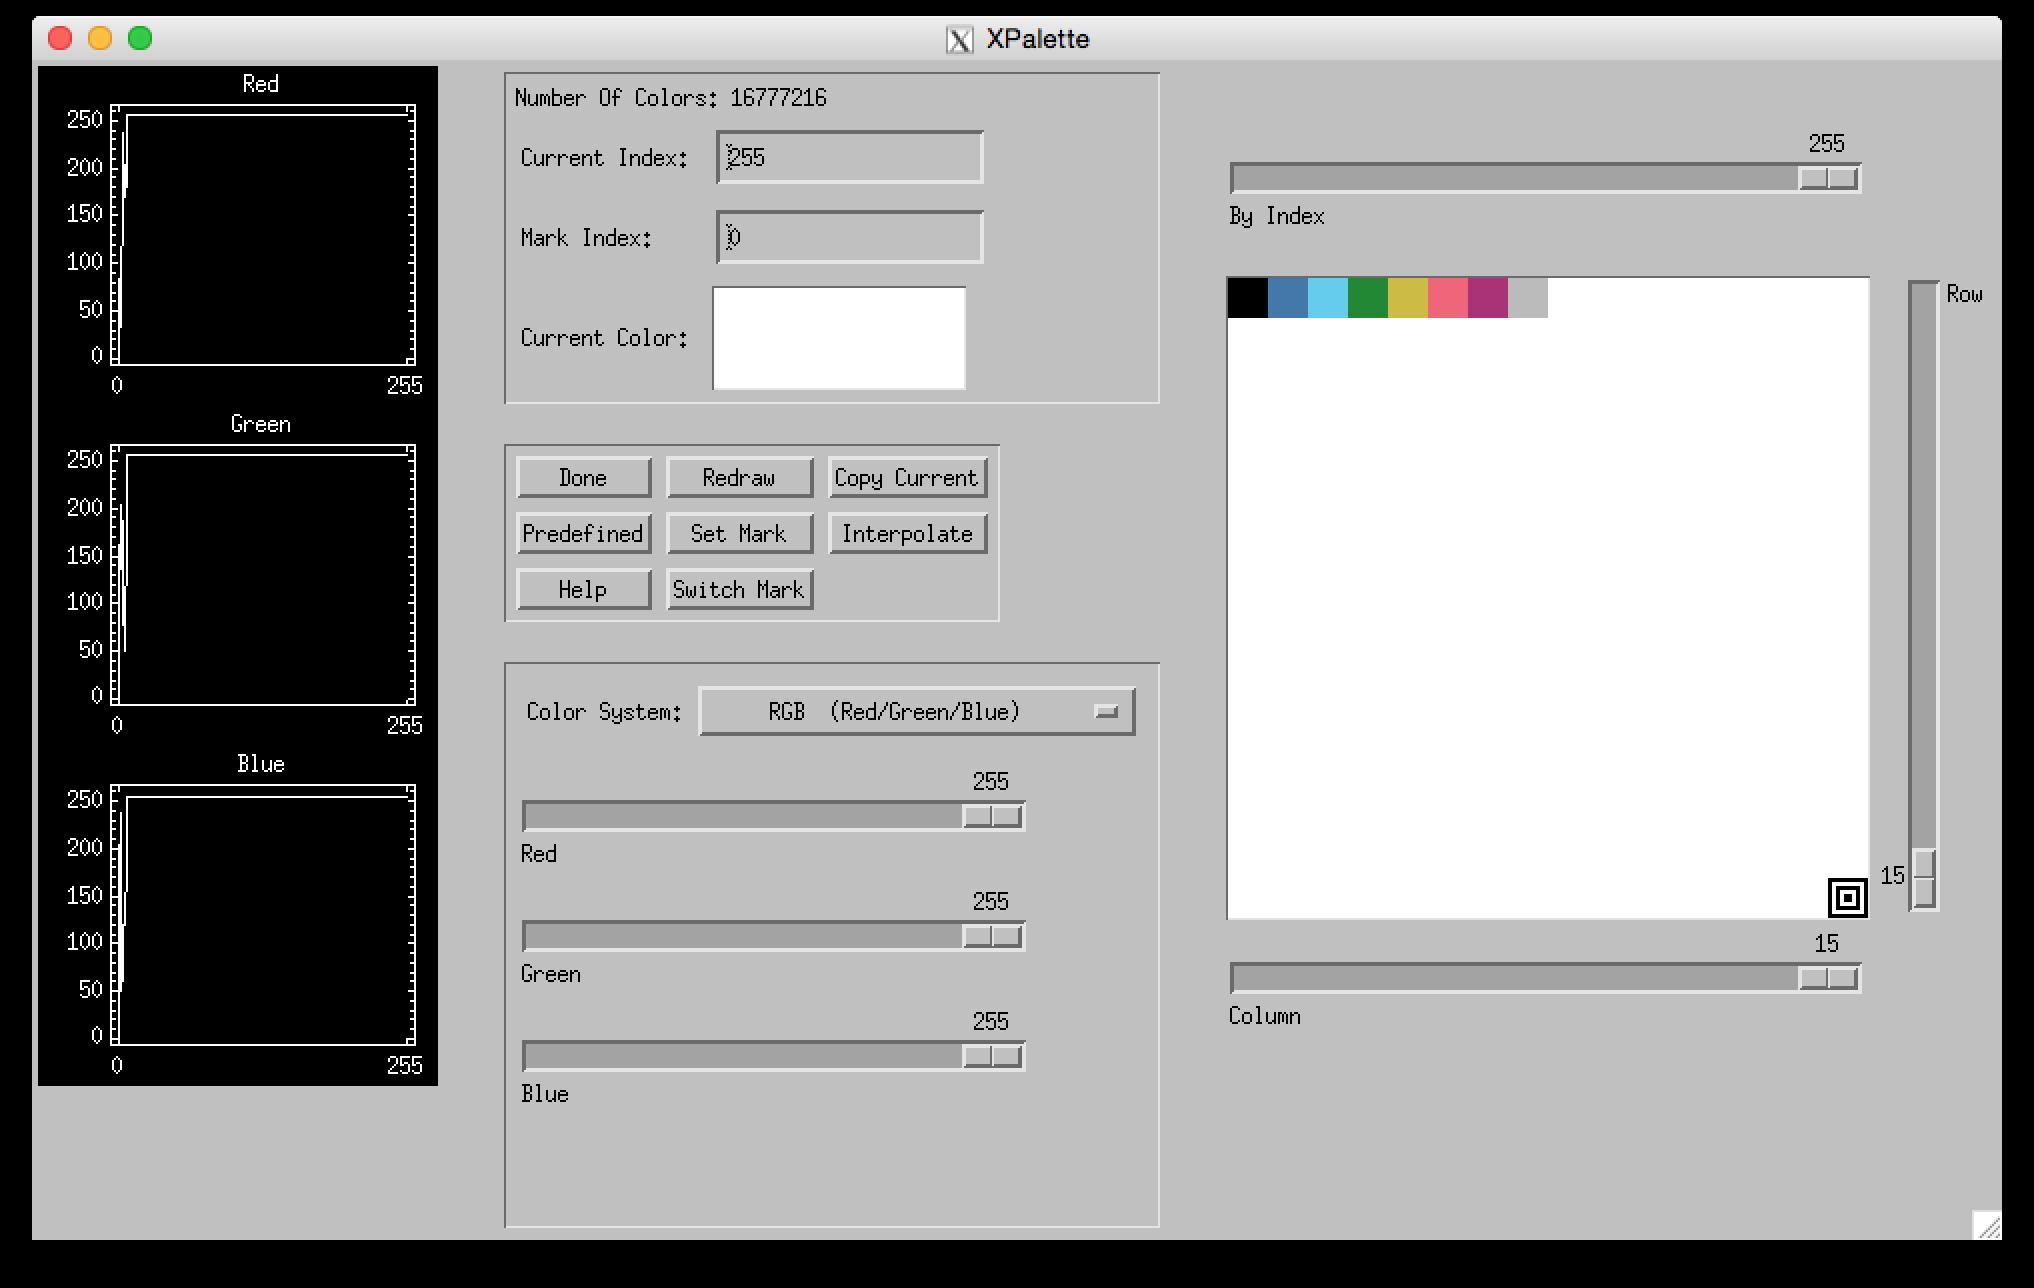 colorblind.pro xpalette